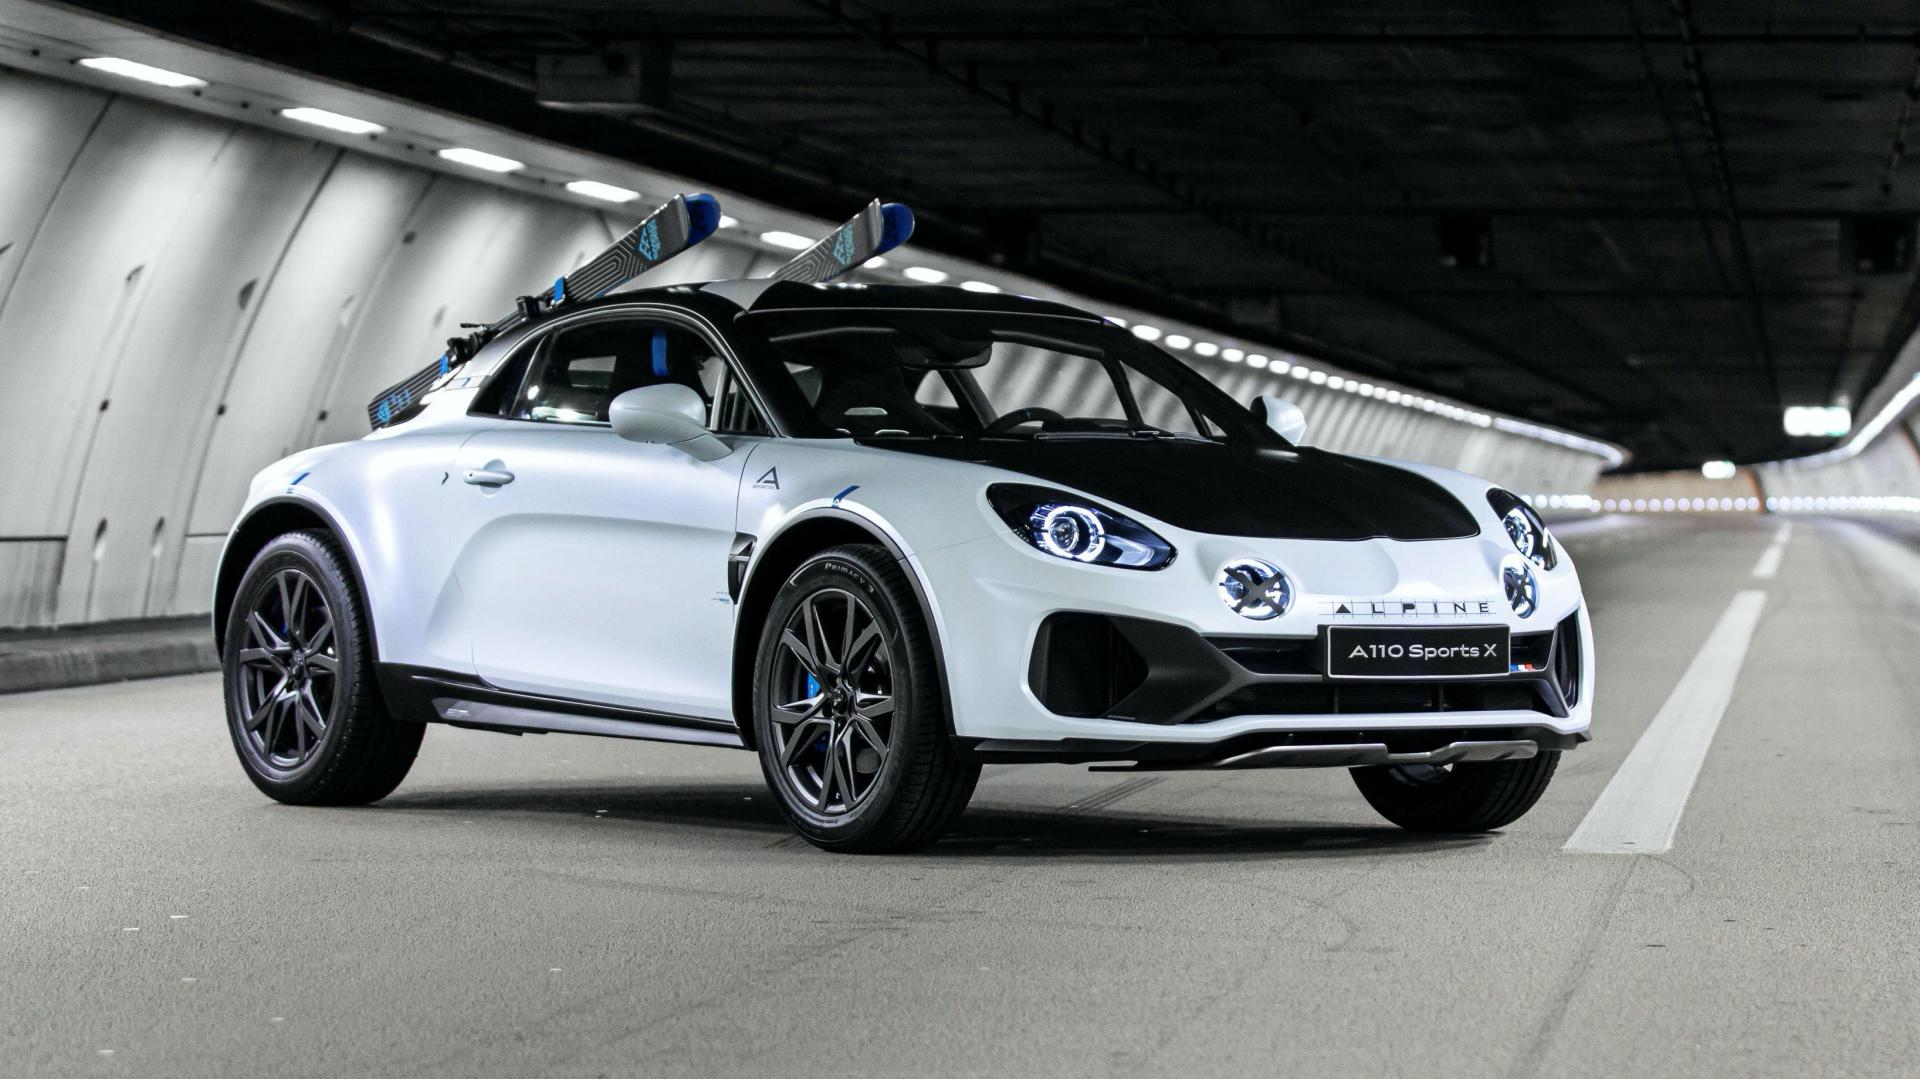 Alpine A110 Sportsx Concept Car (11)